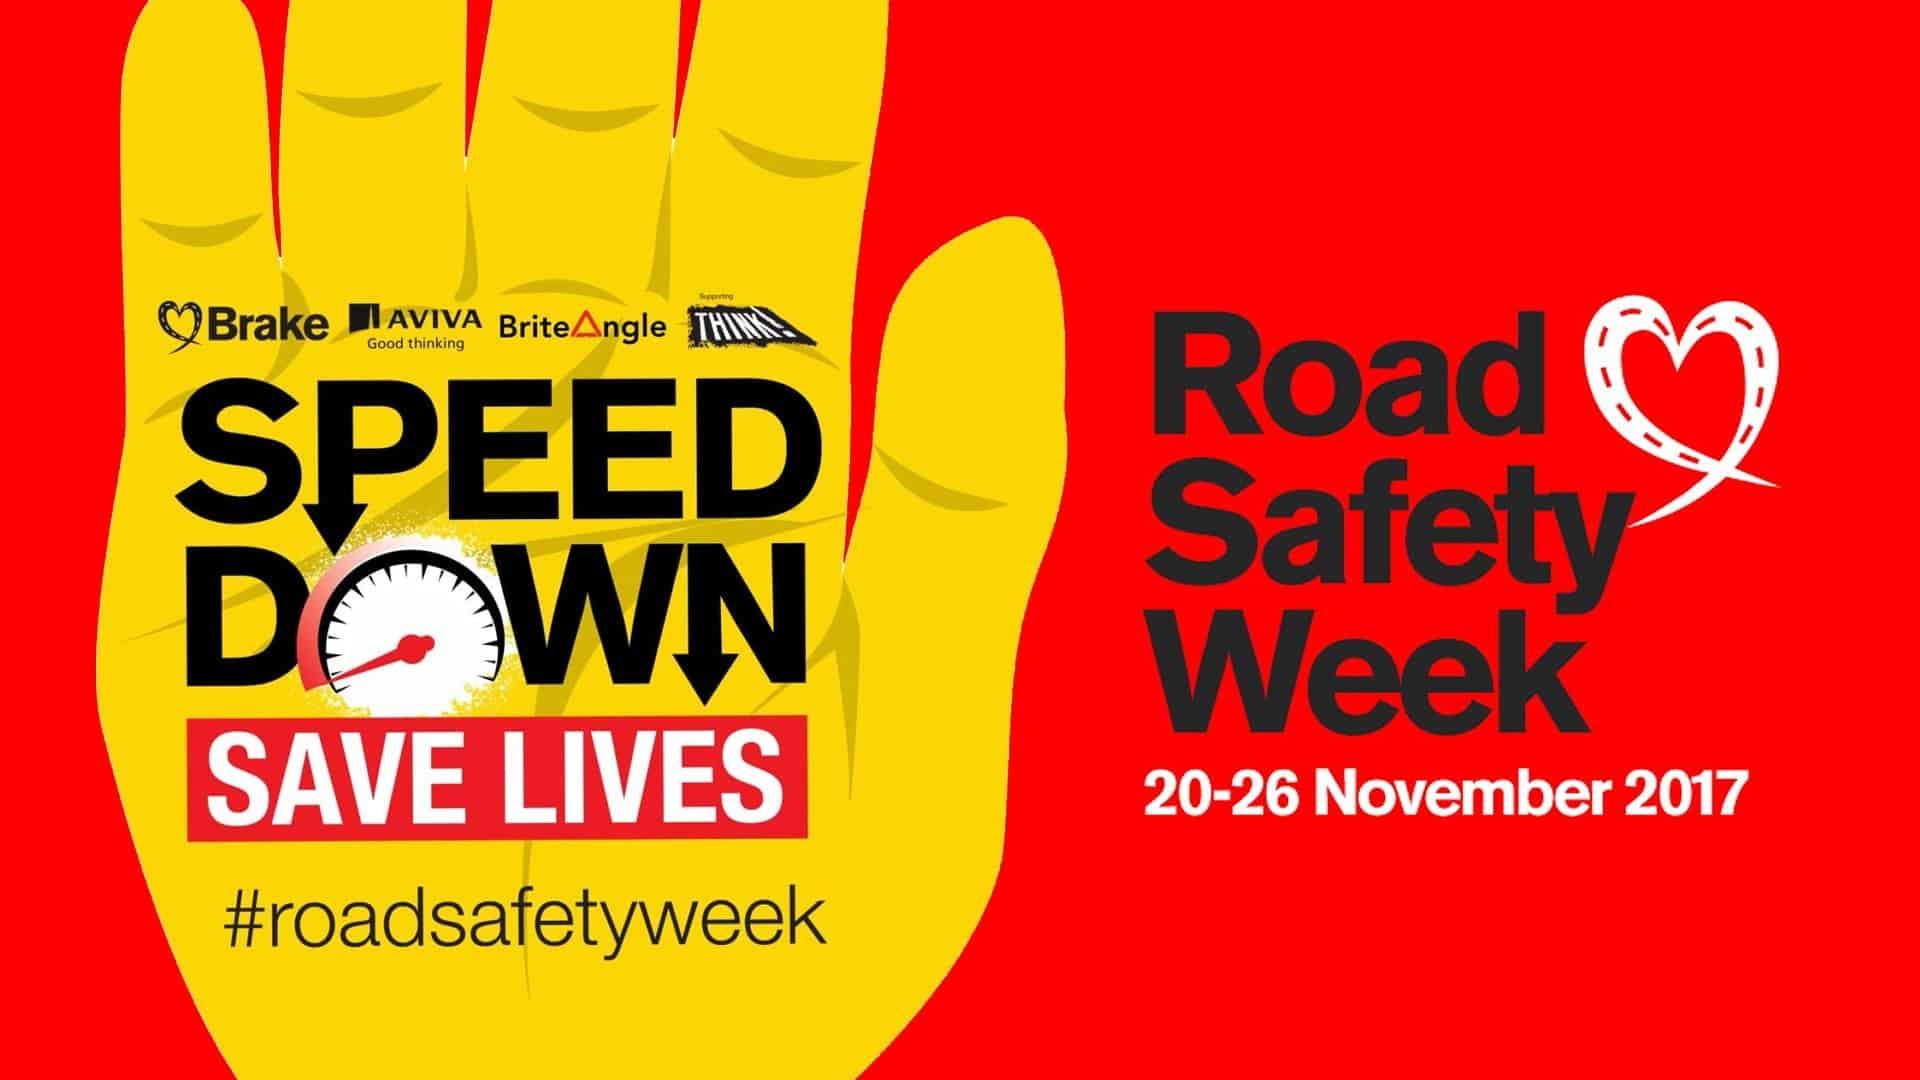 Brake Road Safety 2017